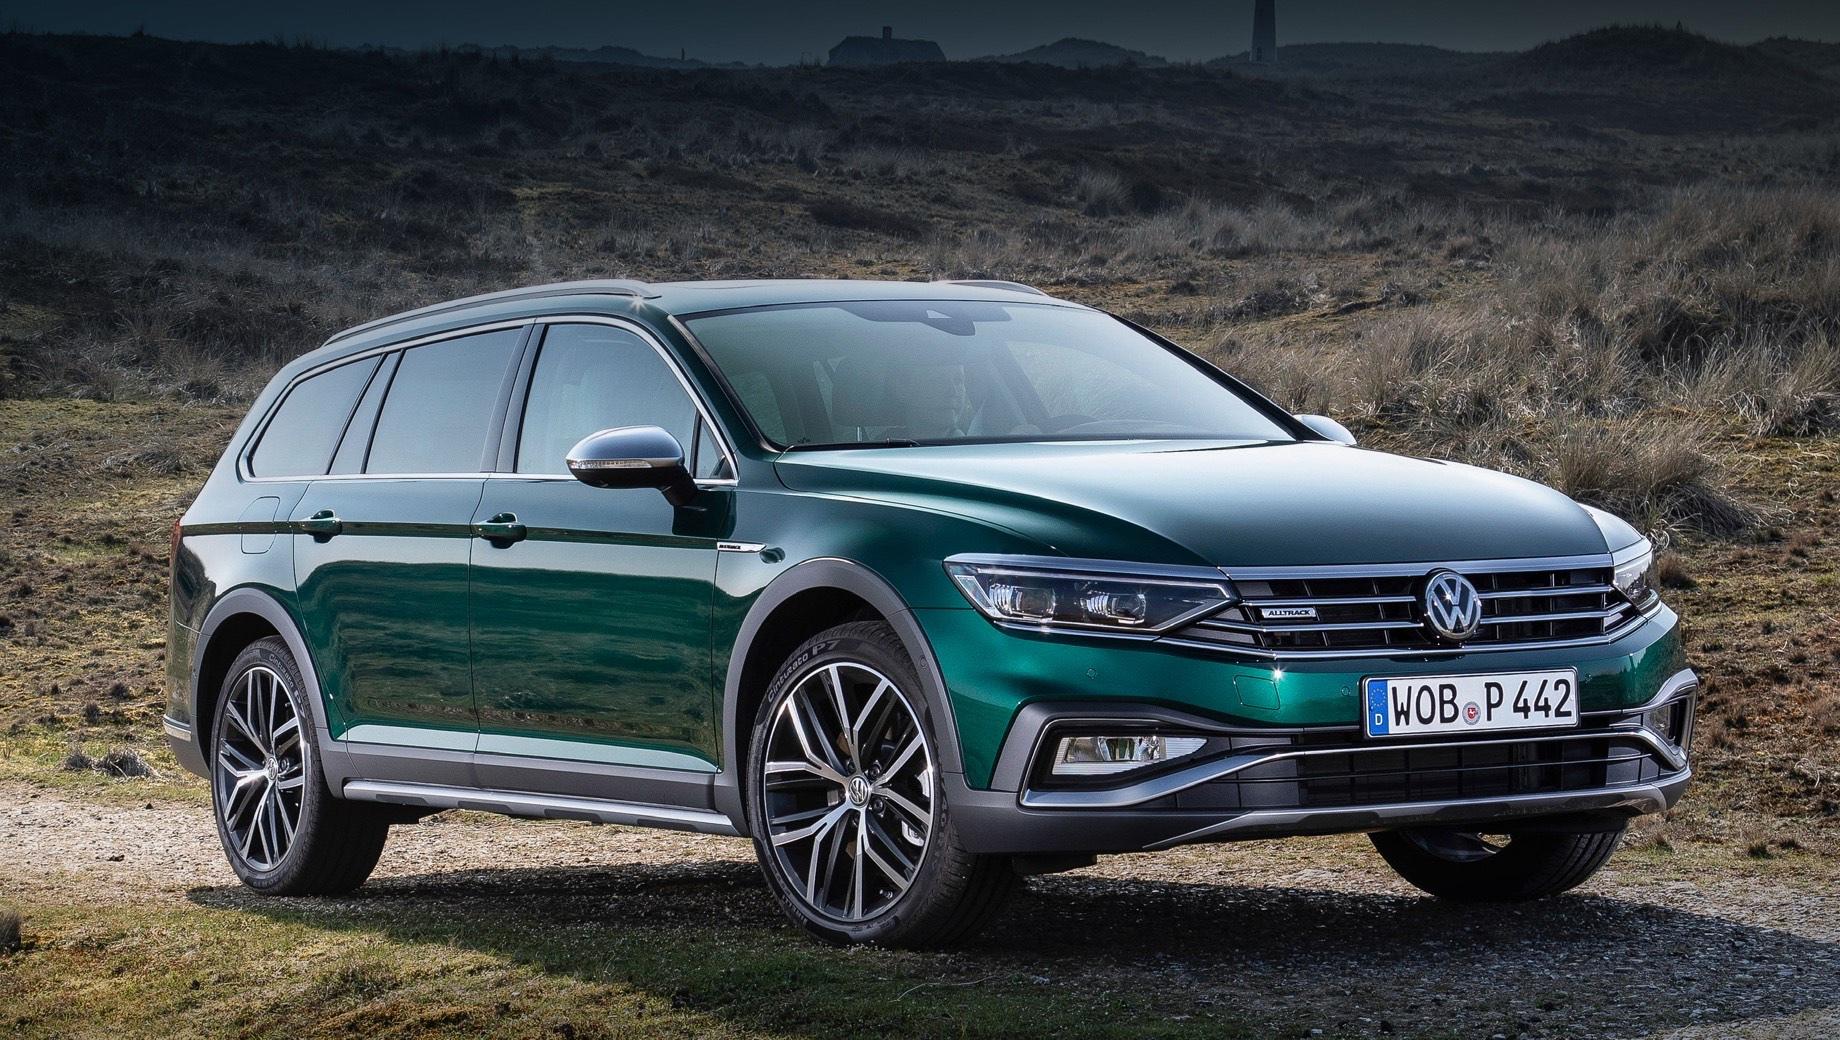 Универсал Volkswagen Passat Alltrack высоко оценён в рублях